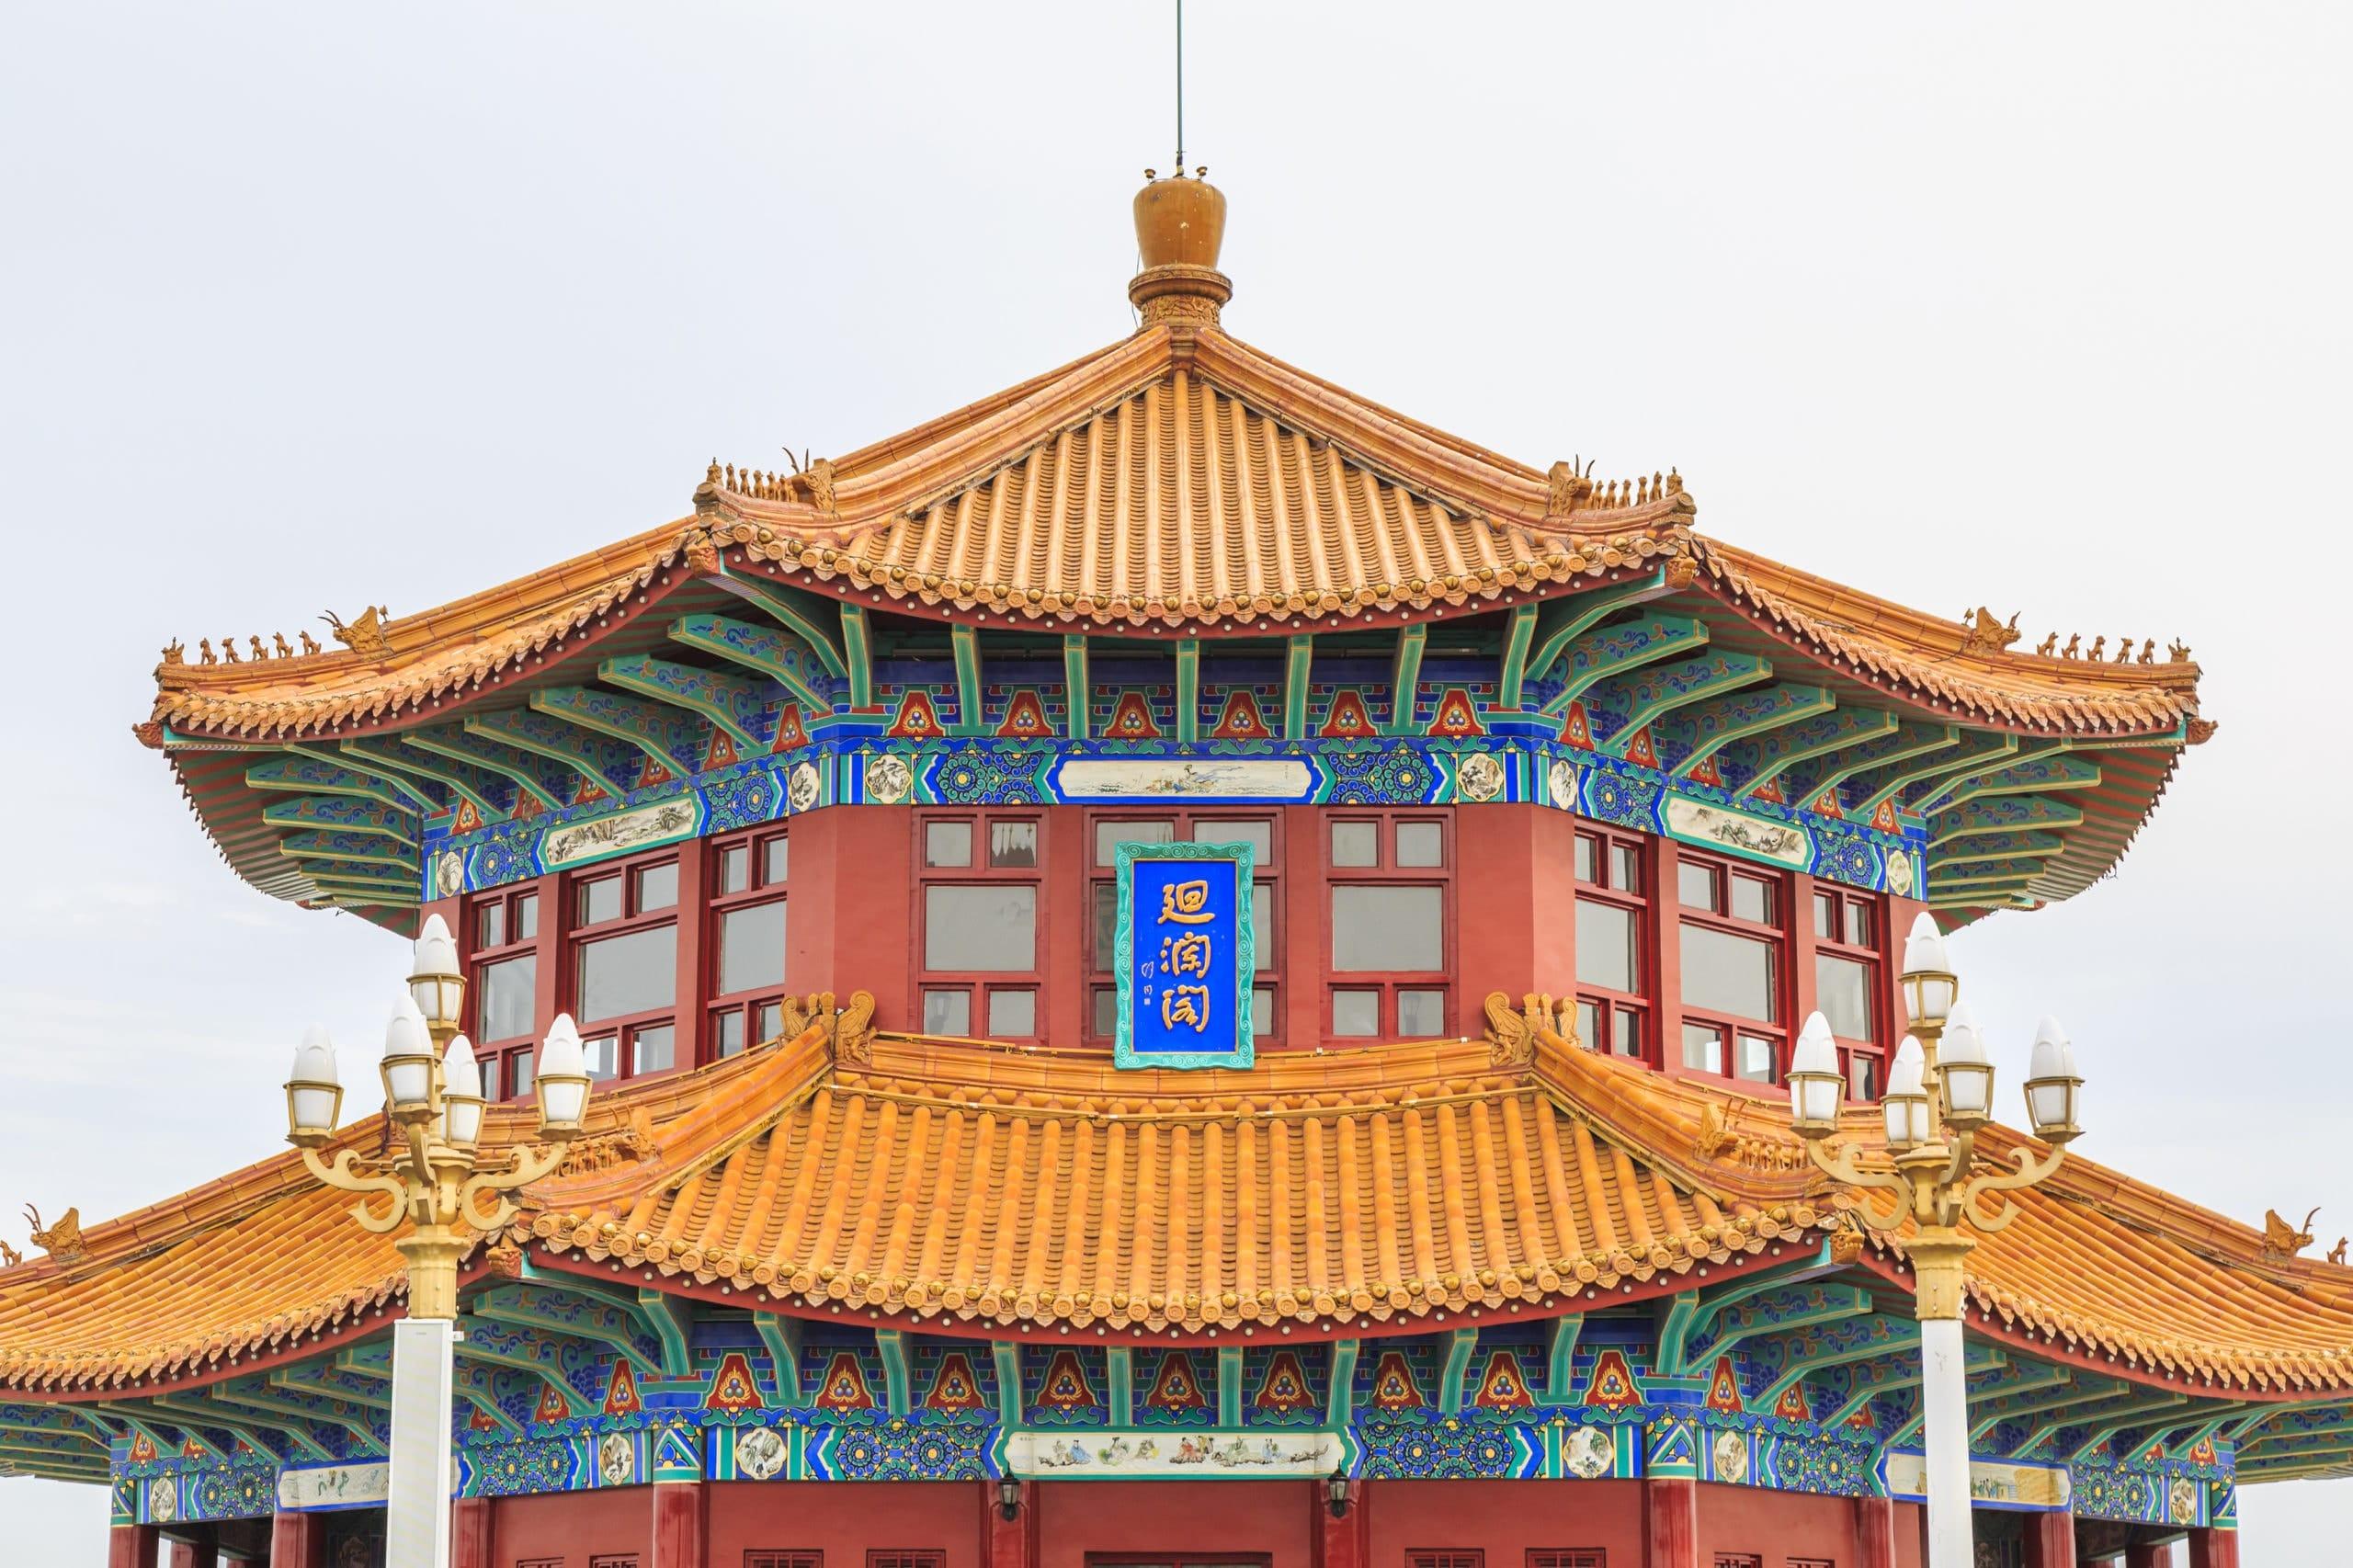 Die traditionelle chinesische Medizin beruht auf dem harmonischen Fließen der Lebensenergie Qi